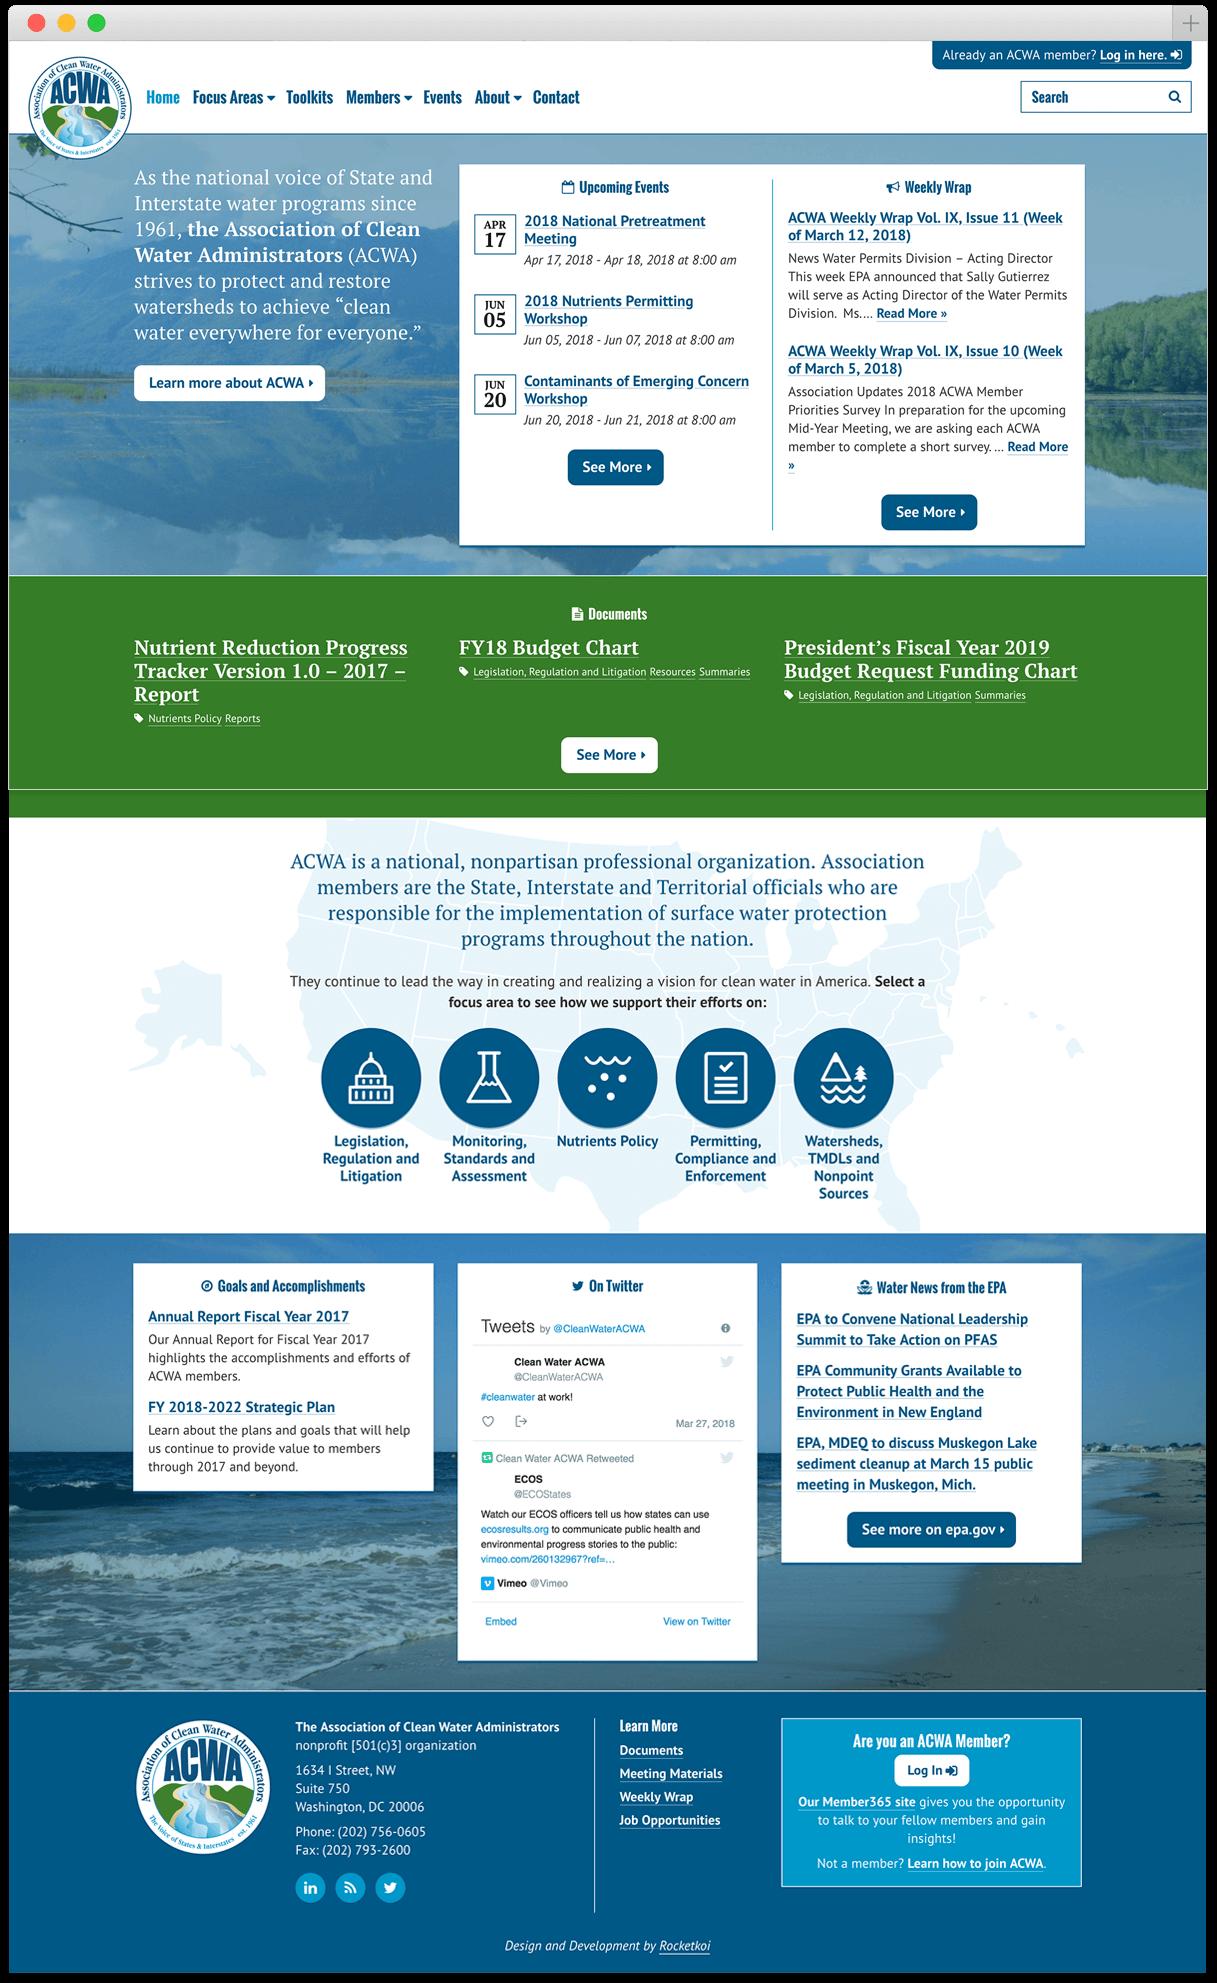 acwa-us.org homepage